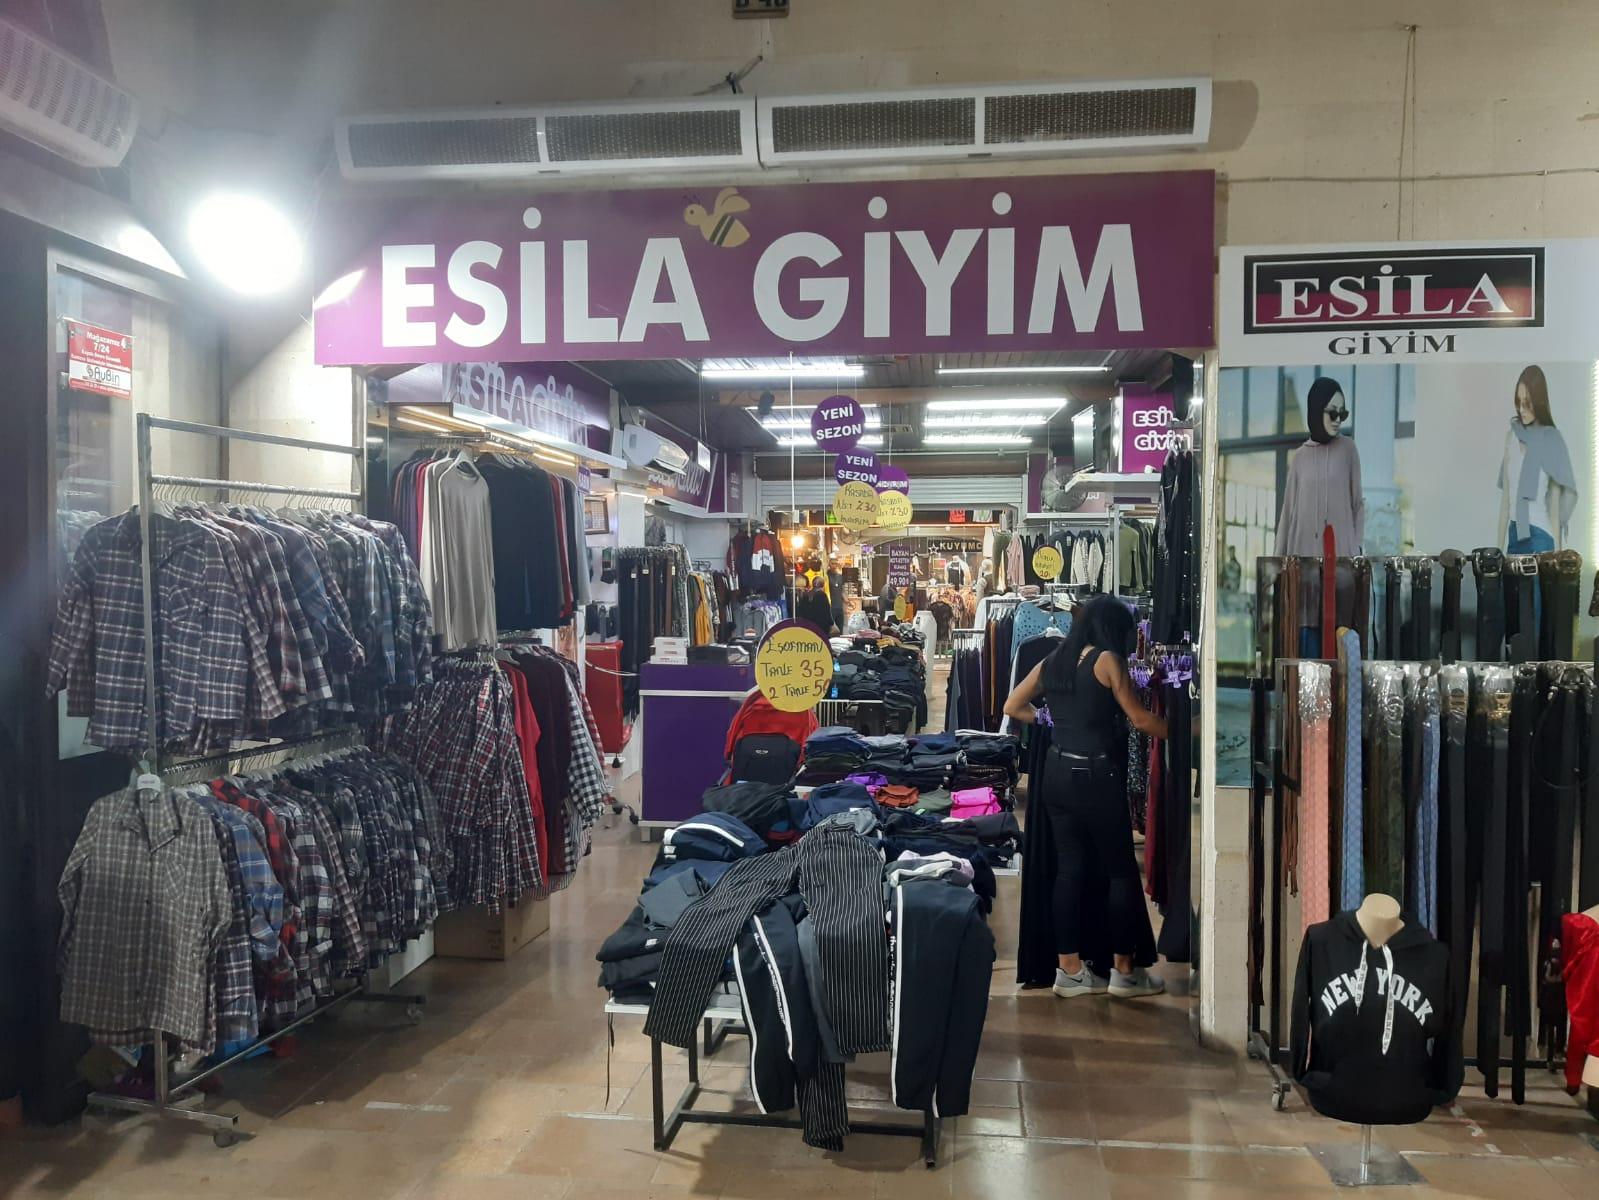 Kaliteli  Ürün ve Uygun Fiyatların Adresi Esila Giyim